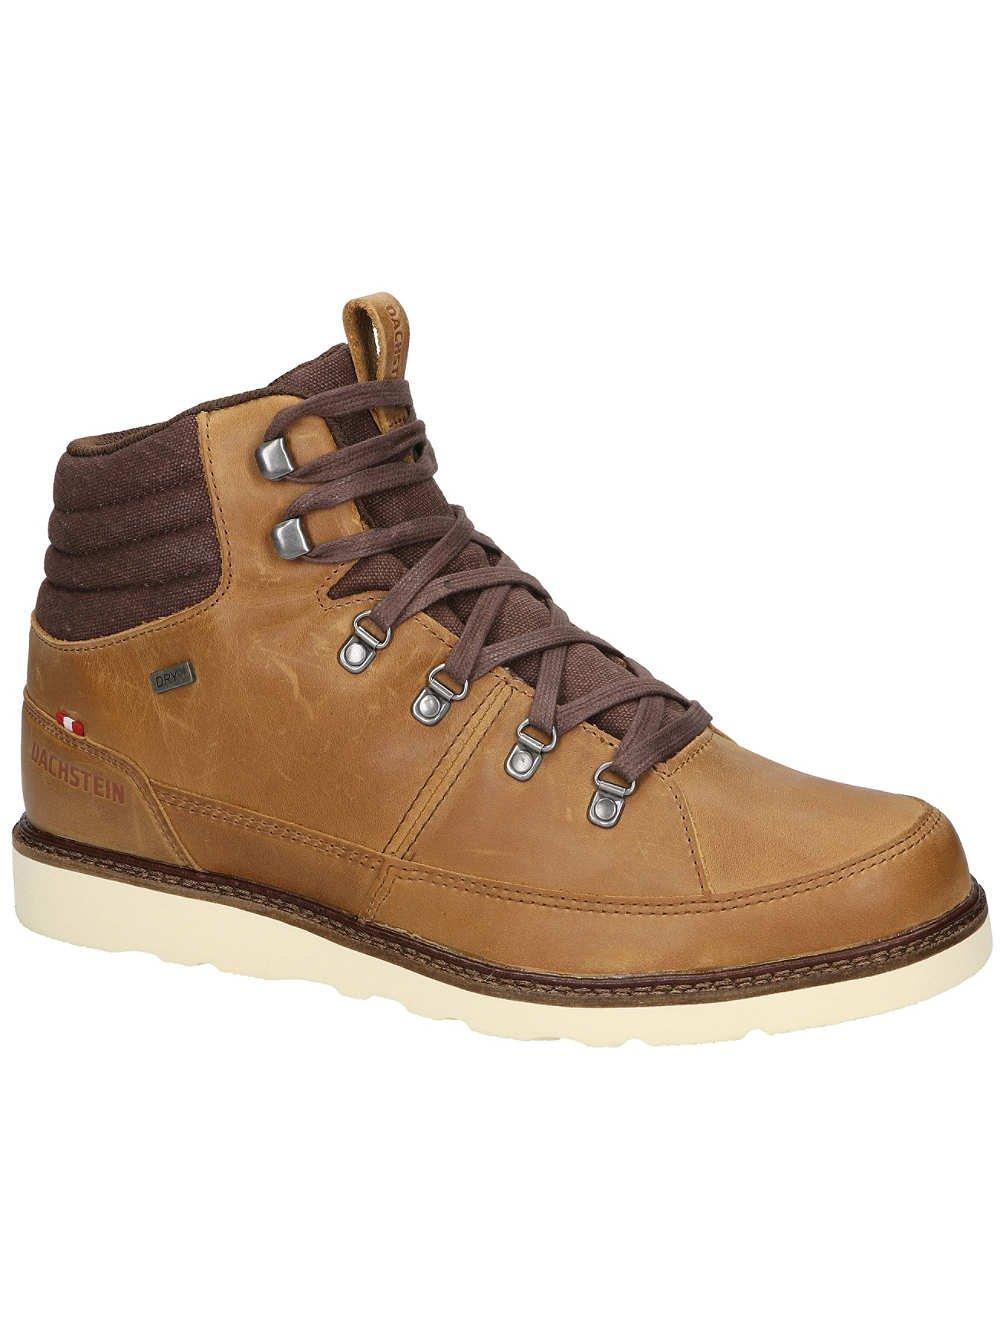 Dachstein Sigi DDS Zapatillas 45 EU|Brandy/Truffel Zapatos de moda en línea Obtenga el mejor descuento de venta caliente-Descuento más grande